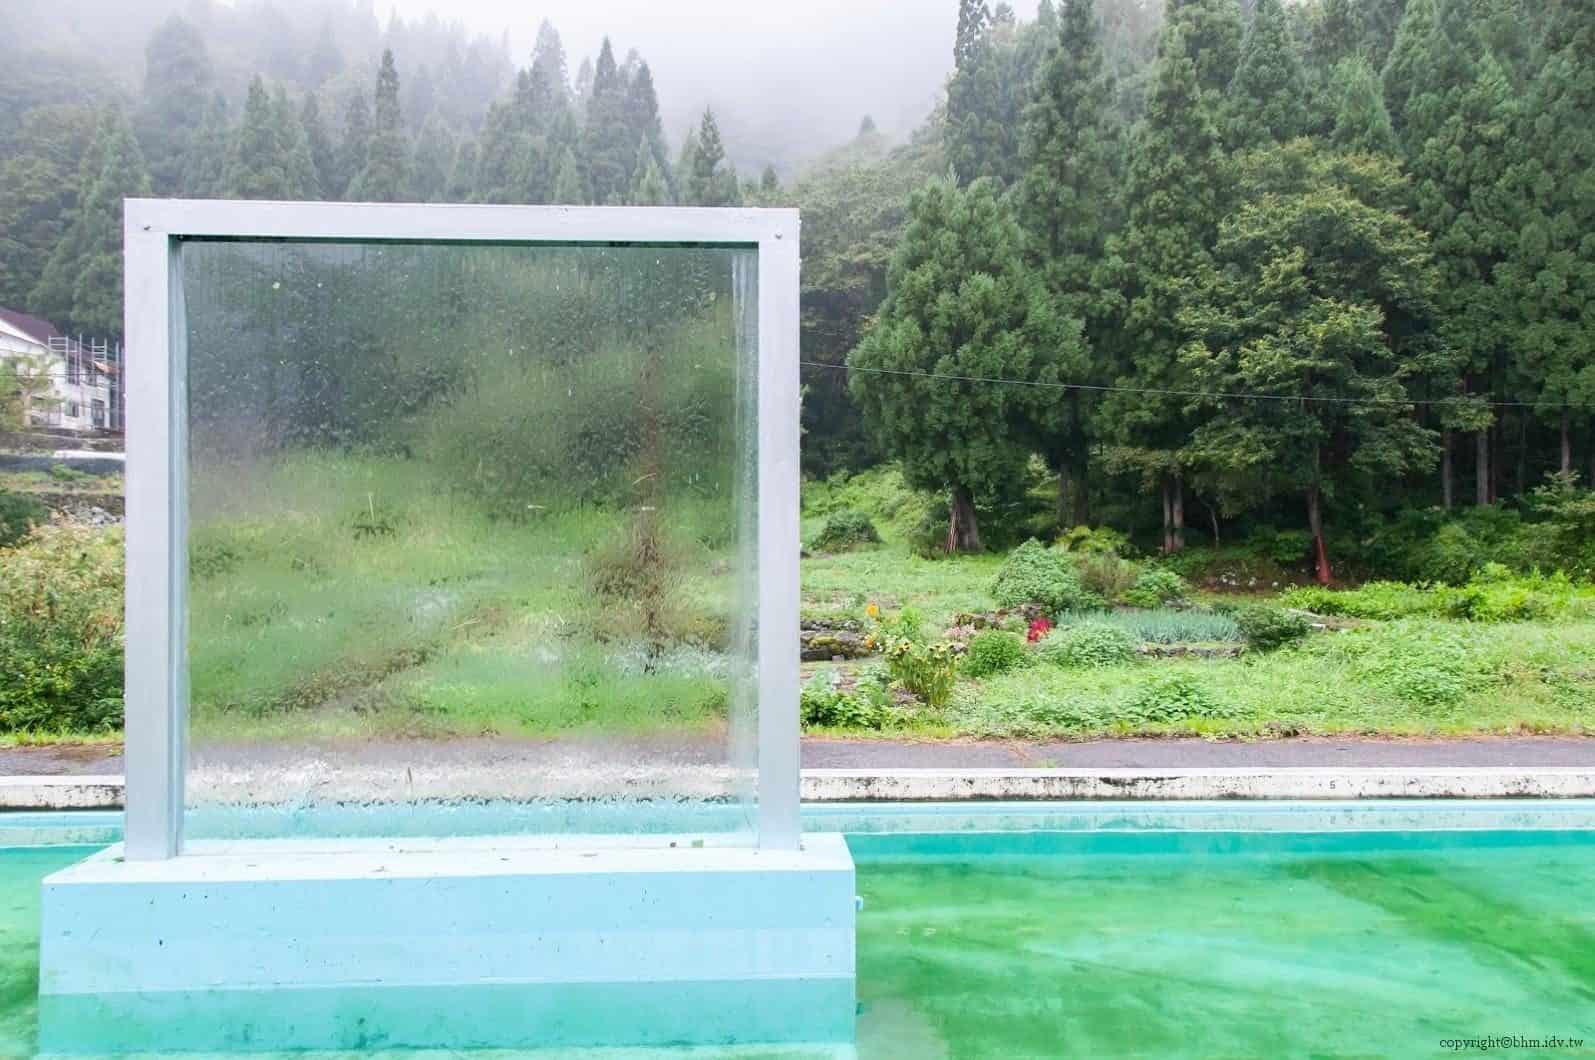 本間純,Melting Wall,波動的水面搖擺不定透過水流於玻璃上呈現出風景 越後妻有 Melting Wall melting wall 03 0x0